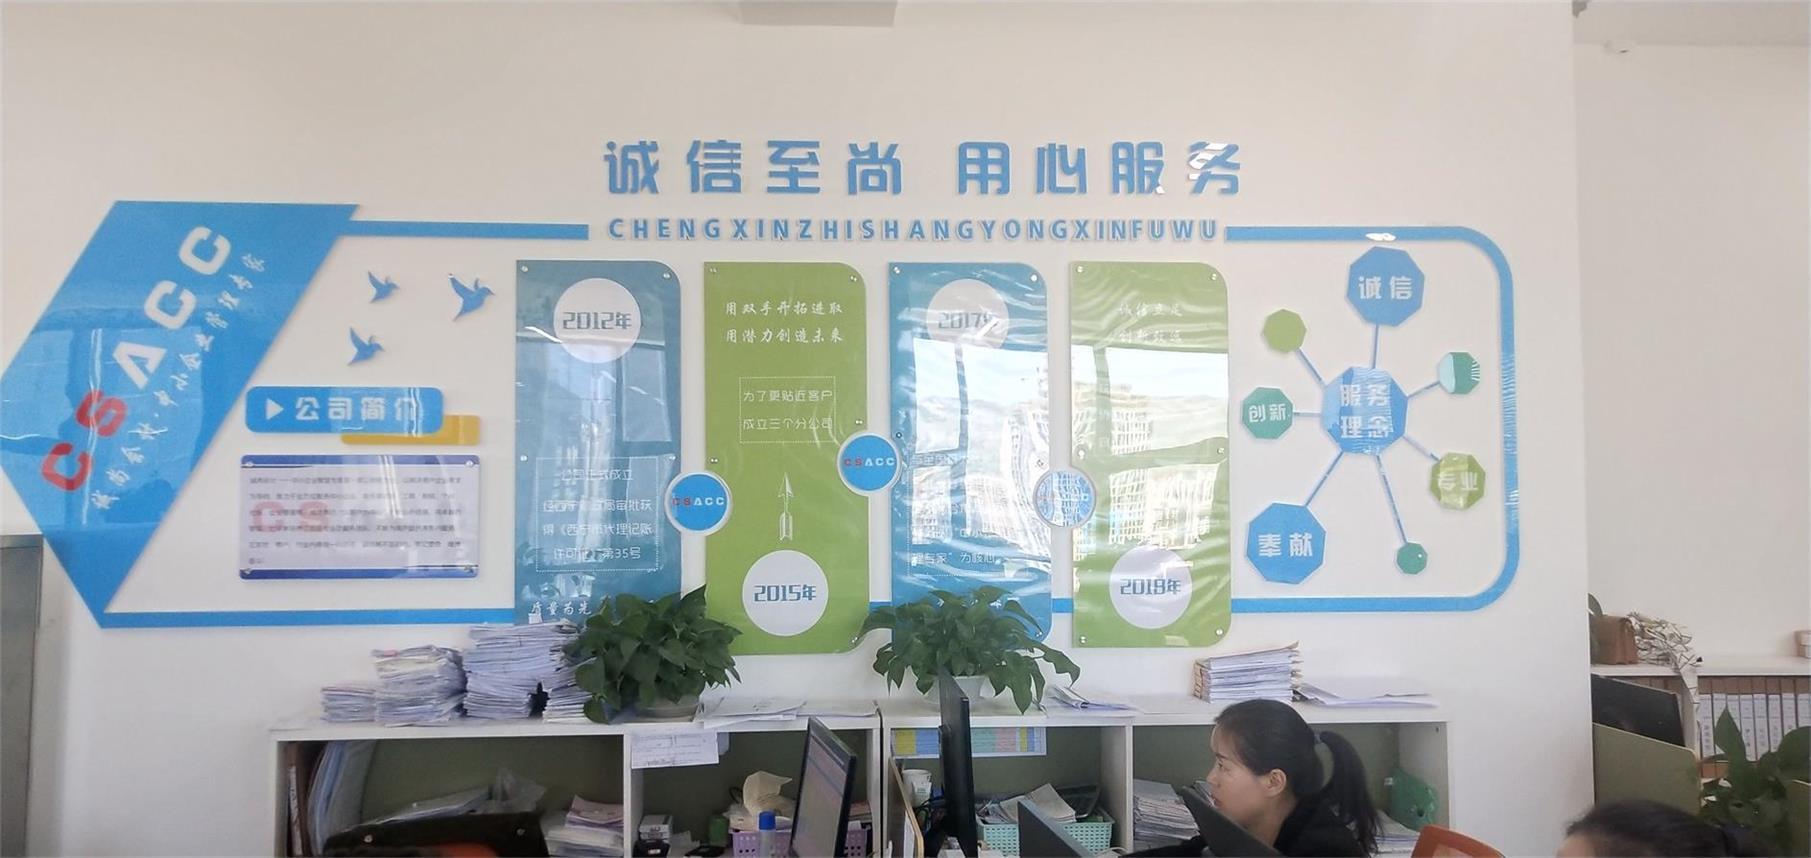 西寧市企業服務哪家正規 歡迎咨詢 西寧誠尚會計服務供應